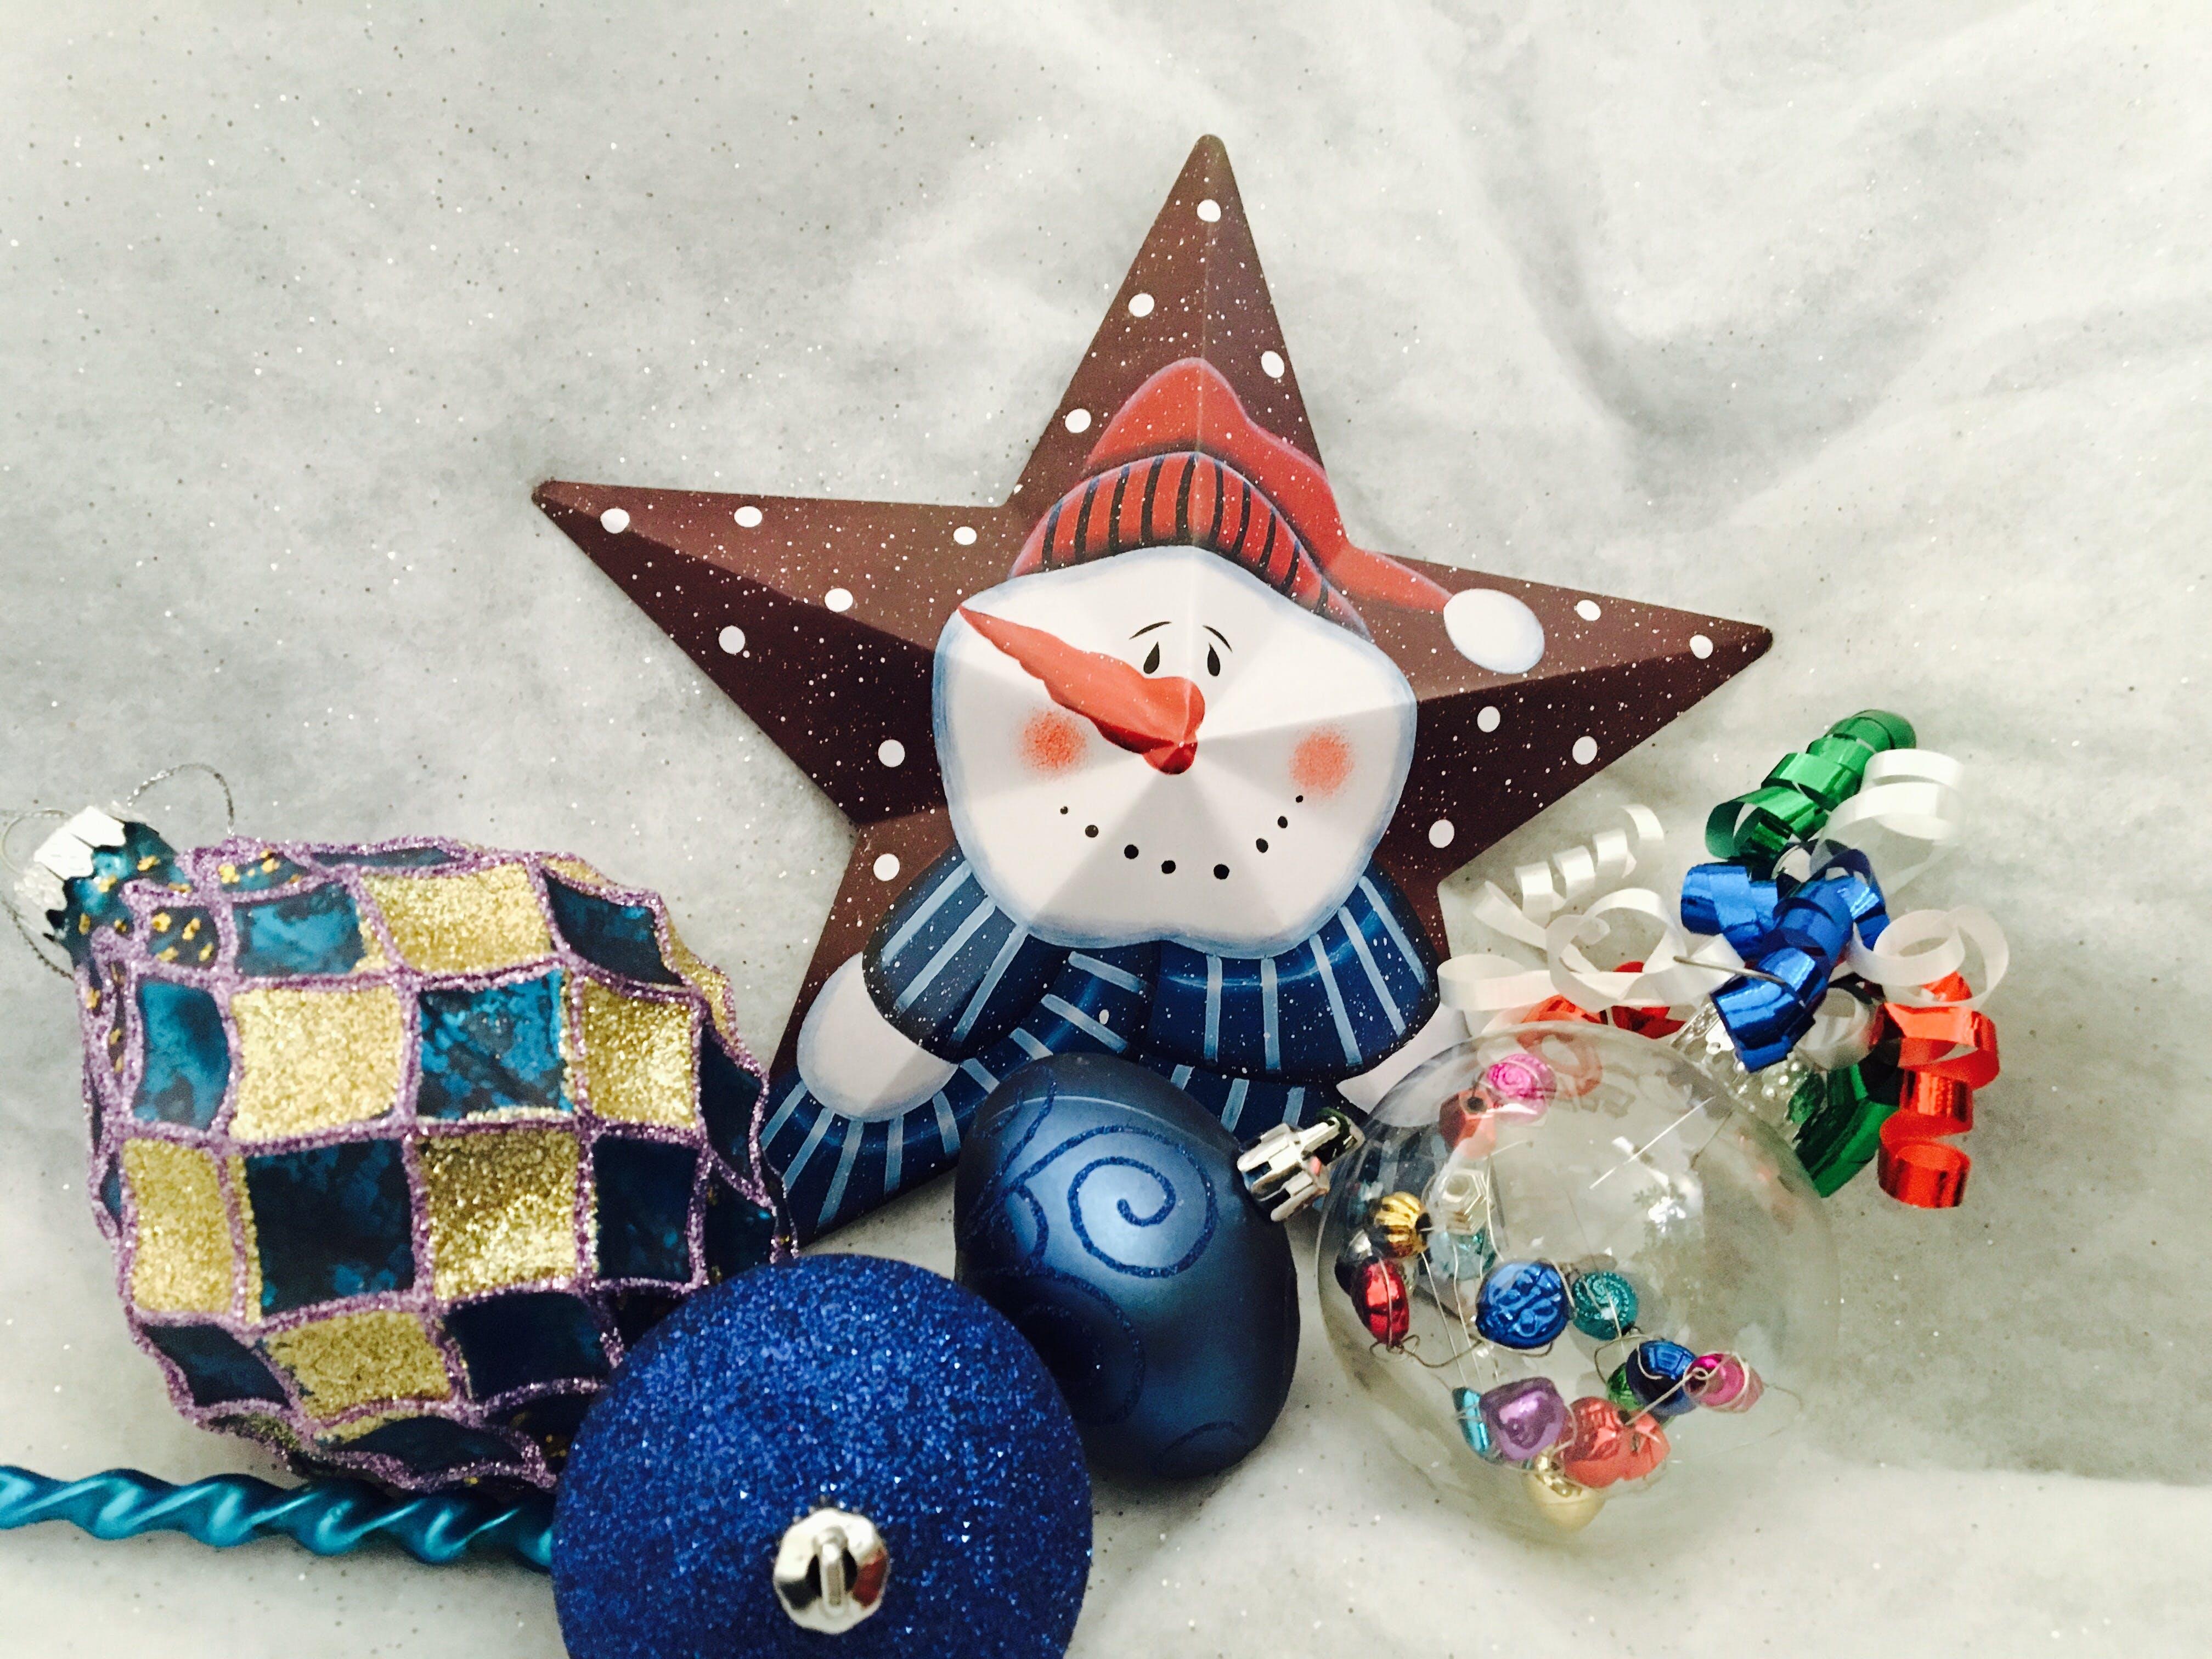 クリスマス, クリスマスデコレーション, クリスマスボール, 雪の無料の写真素材